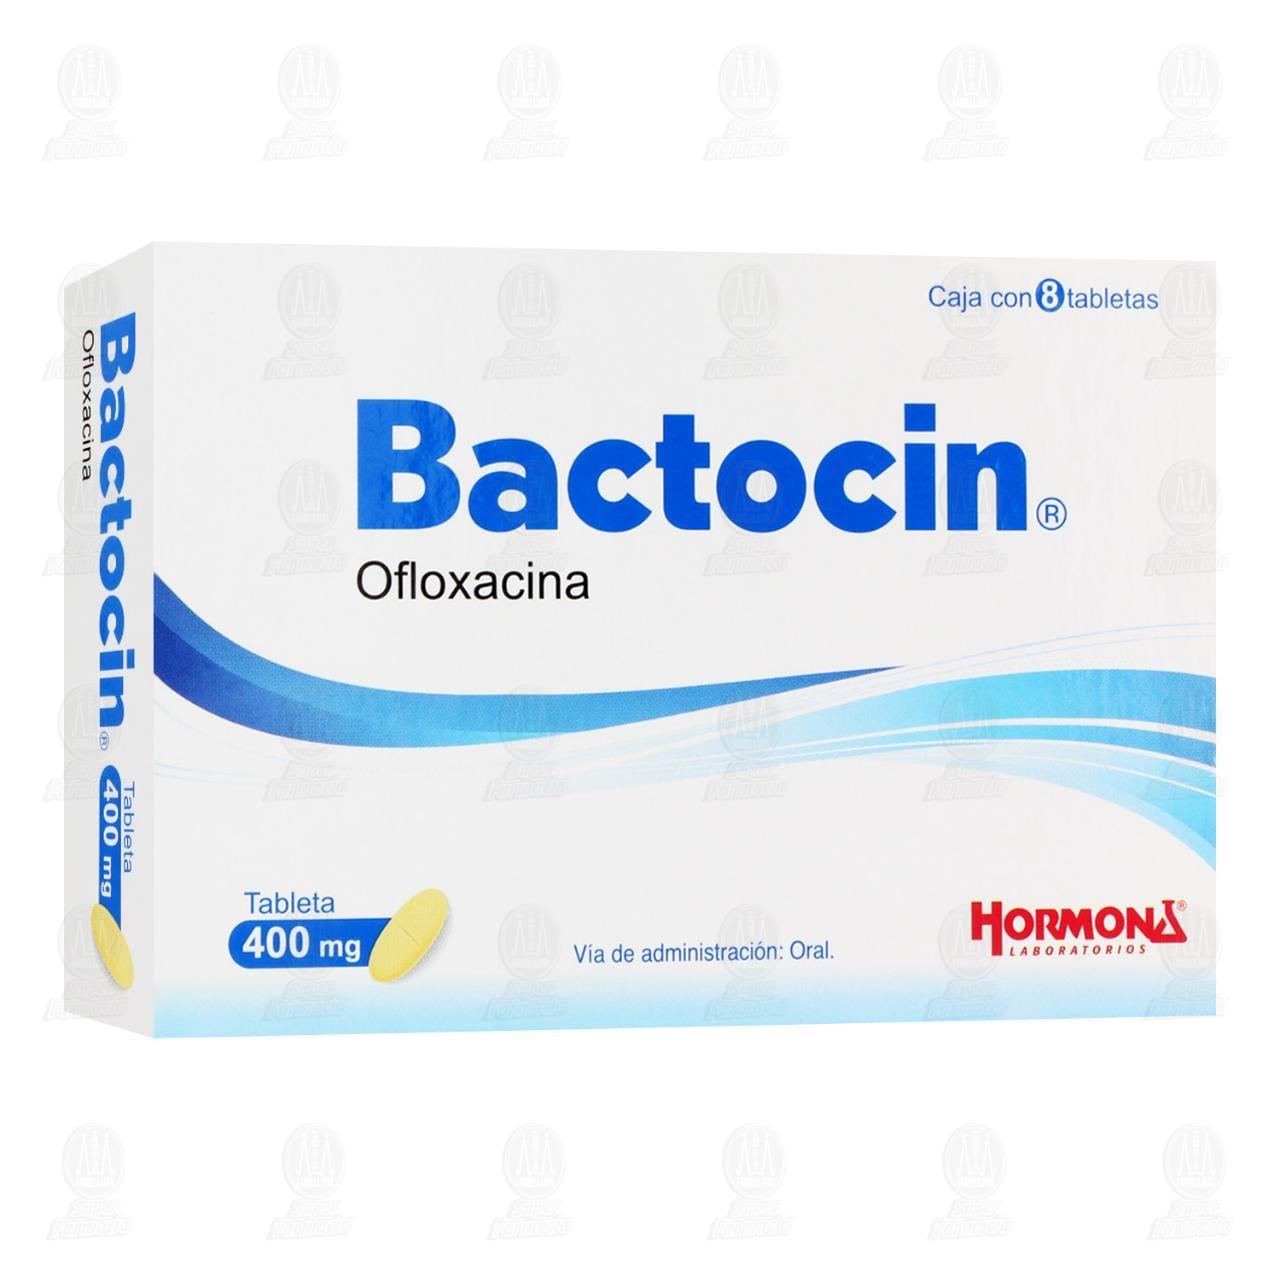 Comprar Bactocin 400mg 8 Tabletas en Farmacias Guadalajara